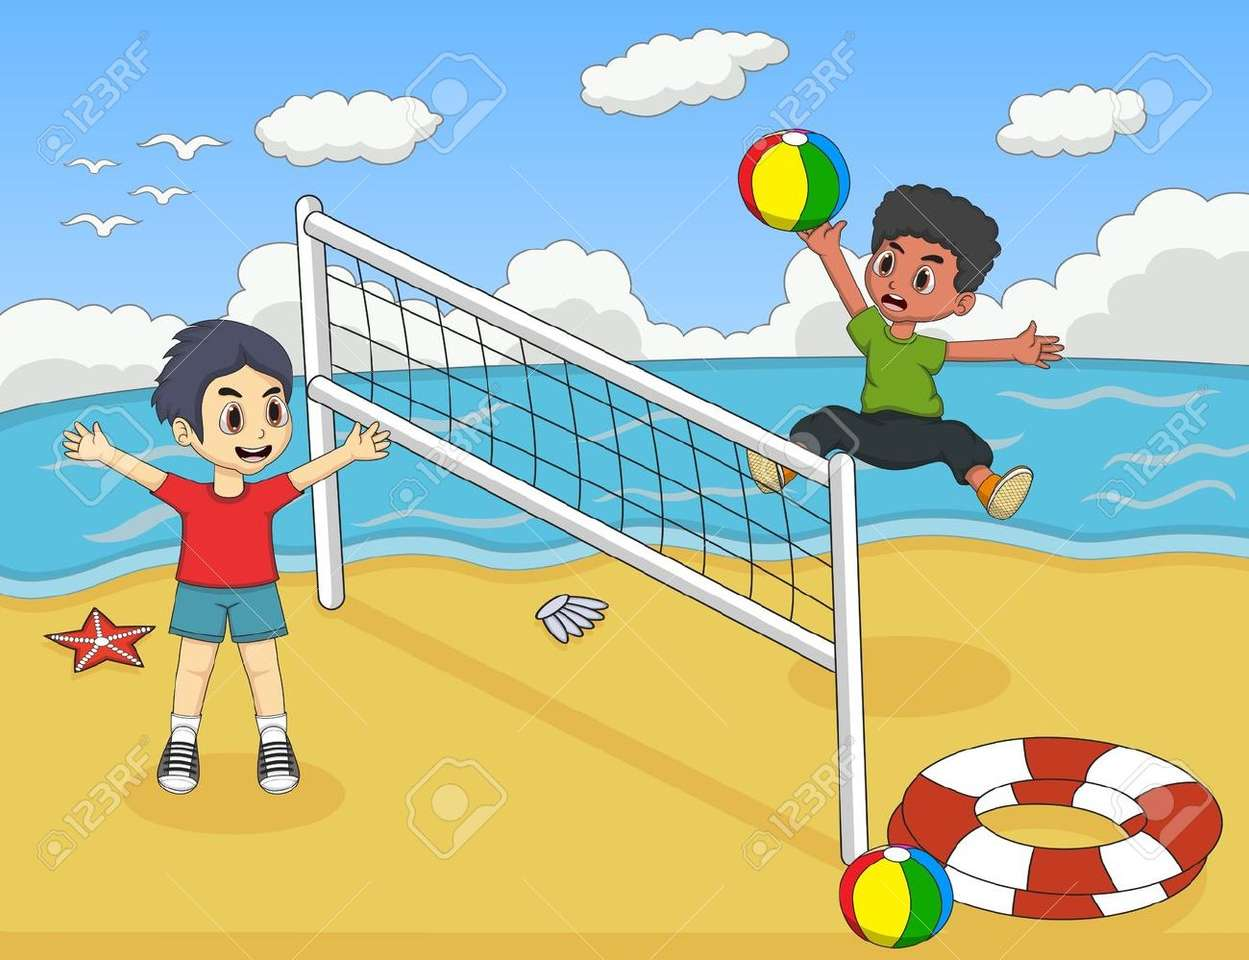 plážový volejbal - Plážový volejbal (11×9)